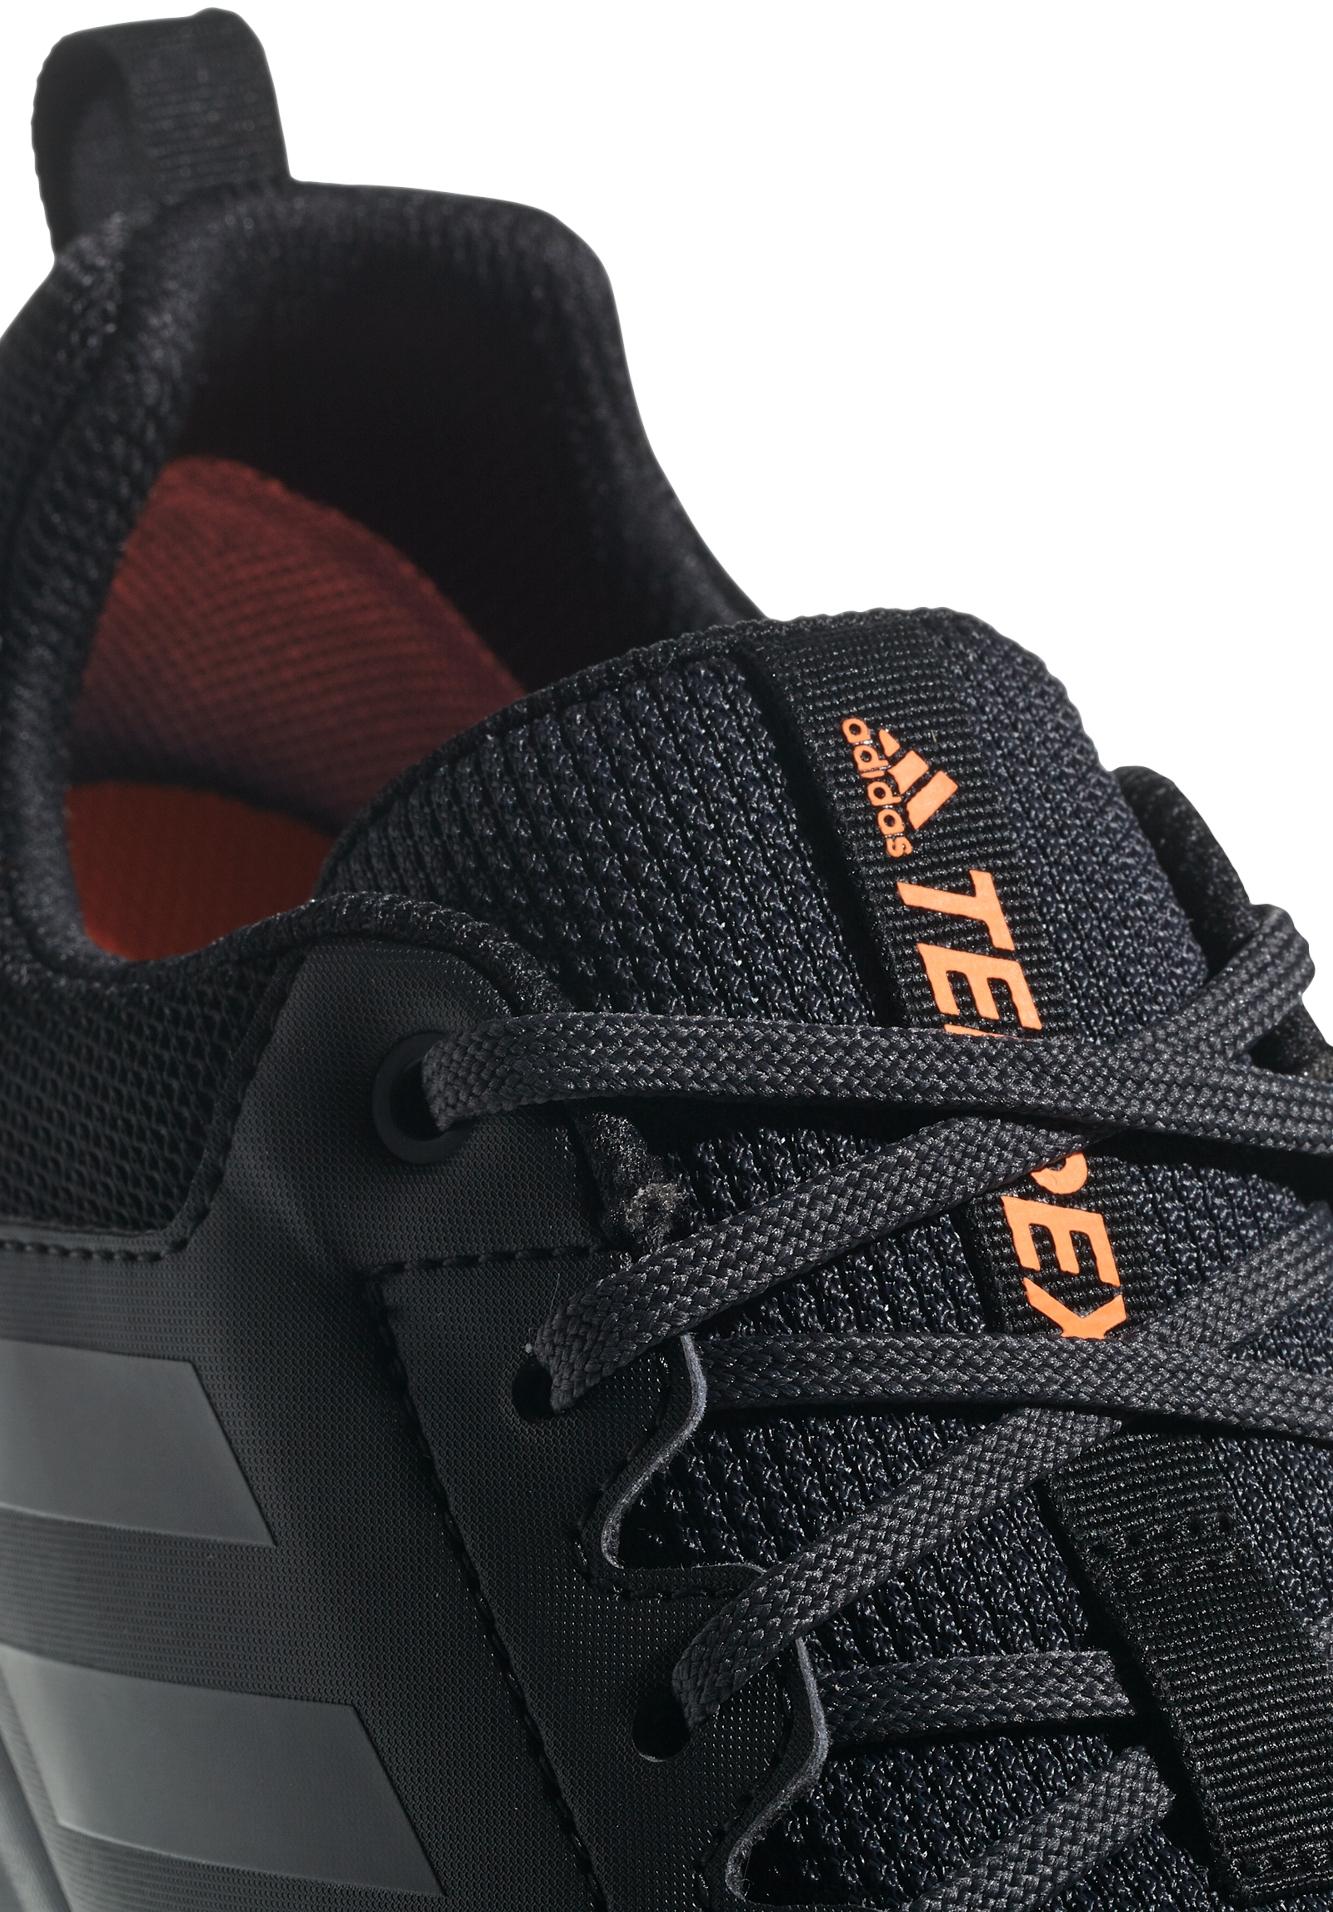 najnowsza zniżka informacje dla wyprzedaż resztek magazynowych Buty Męskie Adidas Terrex Tracerocker GTX (cena z dostawą ...